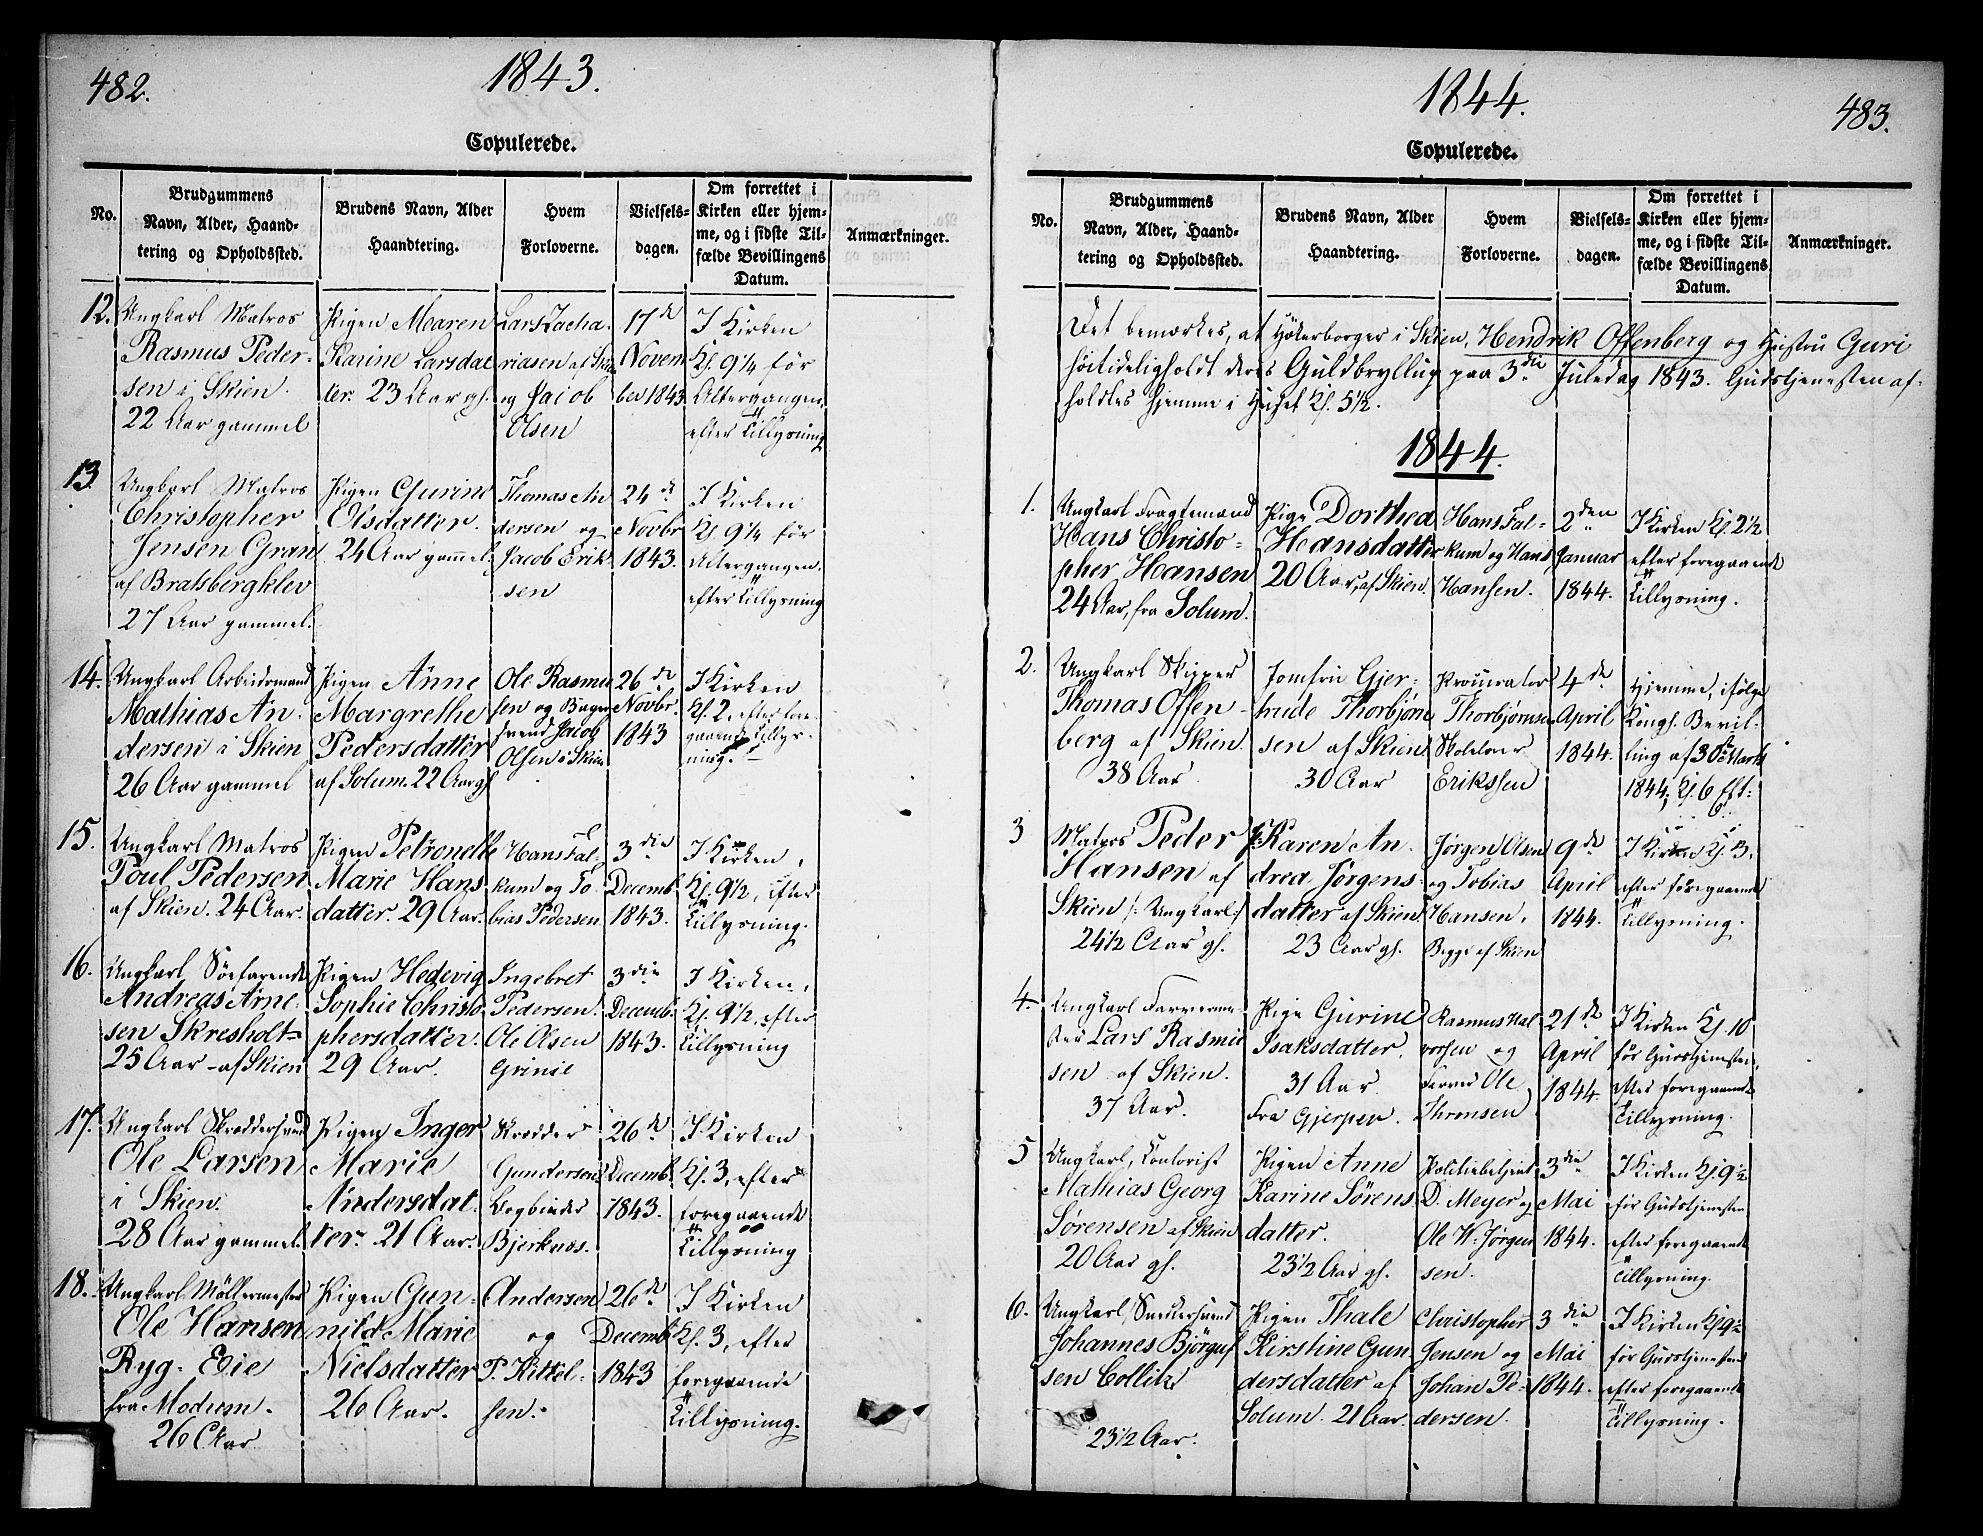 SAKO, Skien kirkebøker, G/Ga/L0003: Klokkerbok nr. 3, 1843-1847, s. 482-483